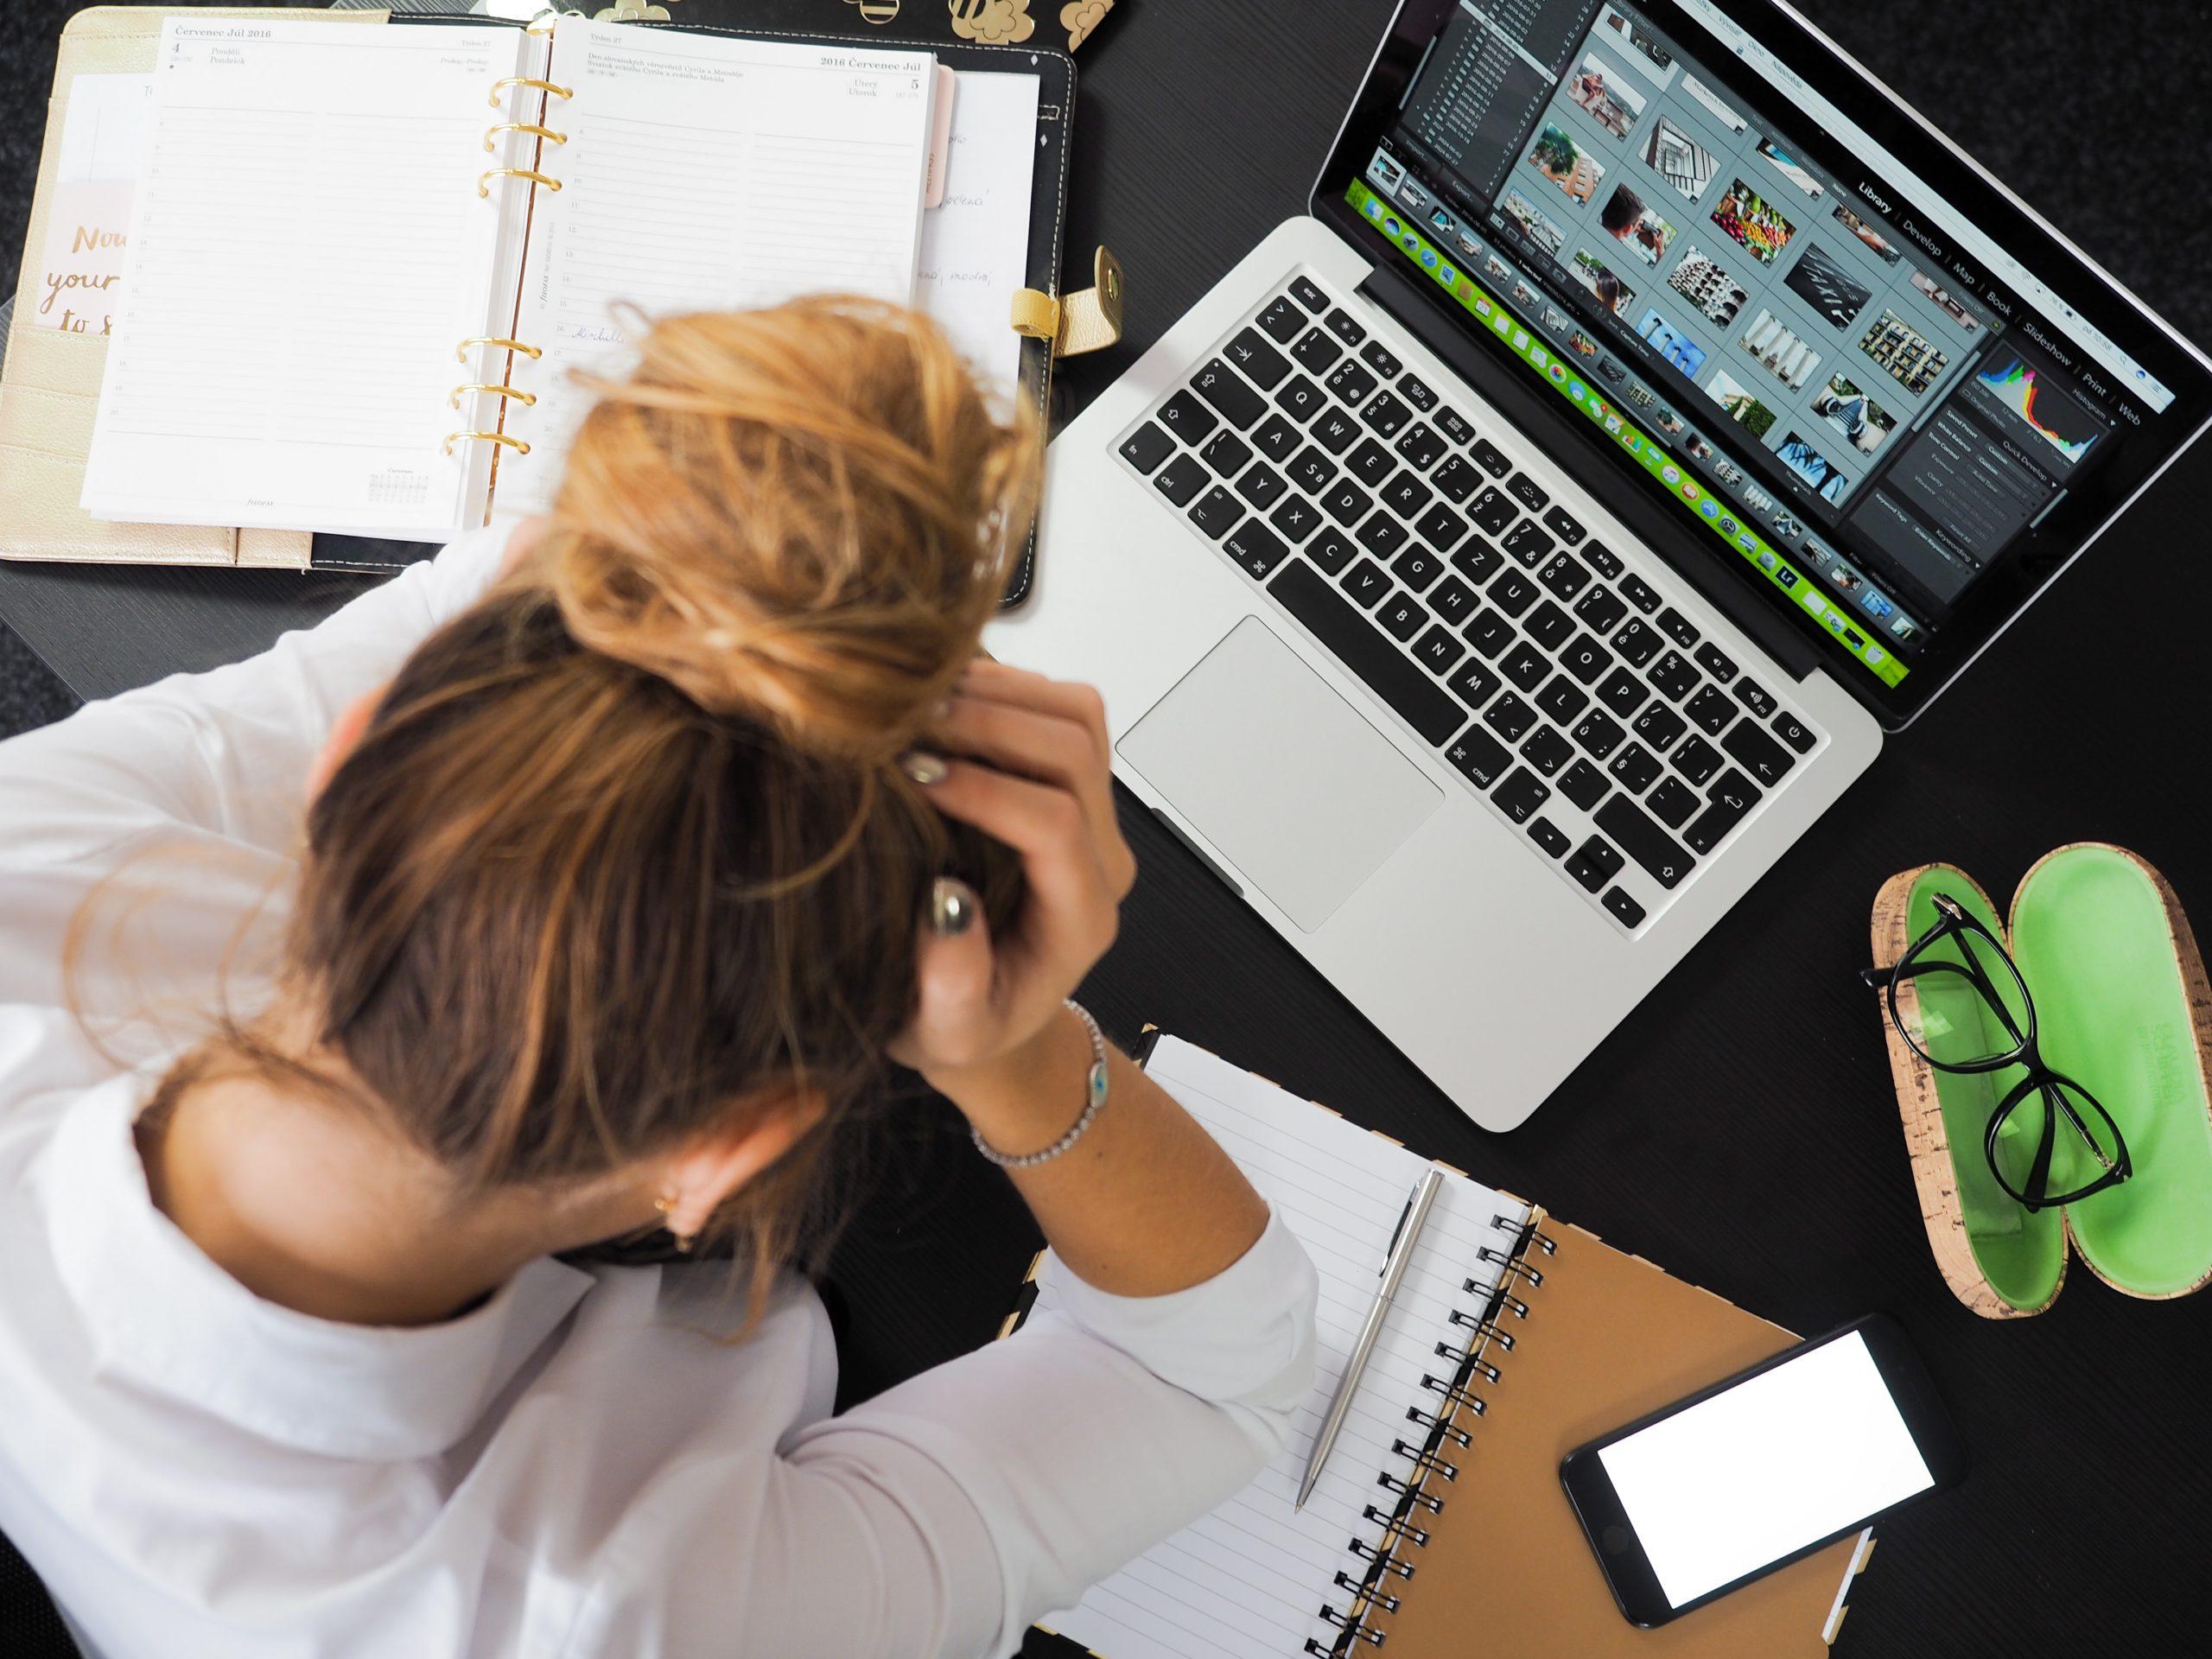 新入社員のミスを減らすには?失敗例・原因・新人教育と仕組みづくりのポイント